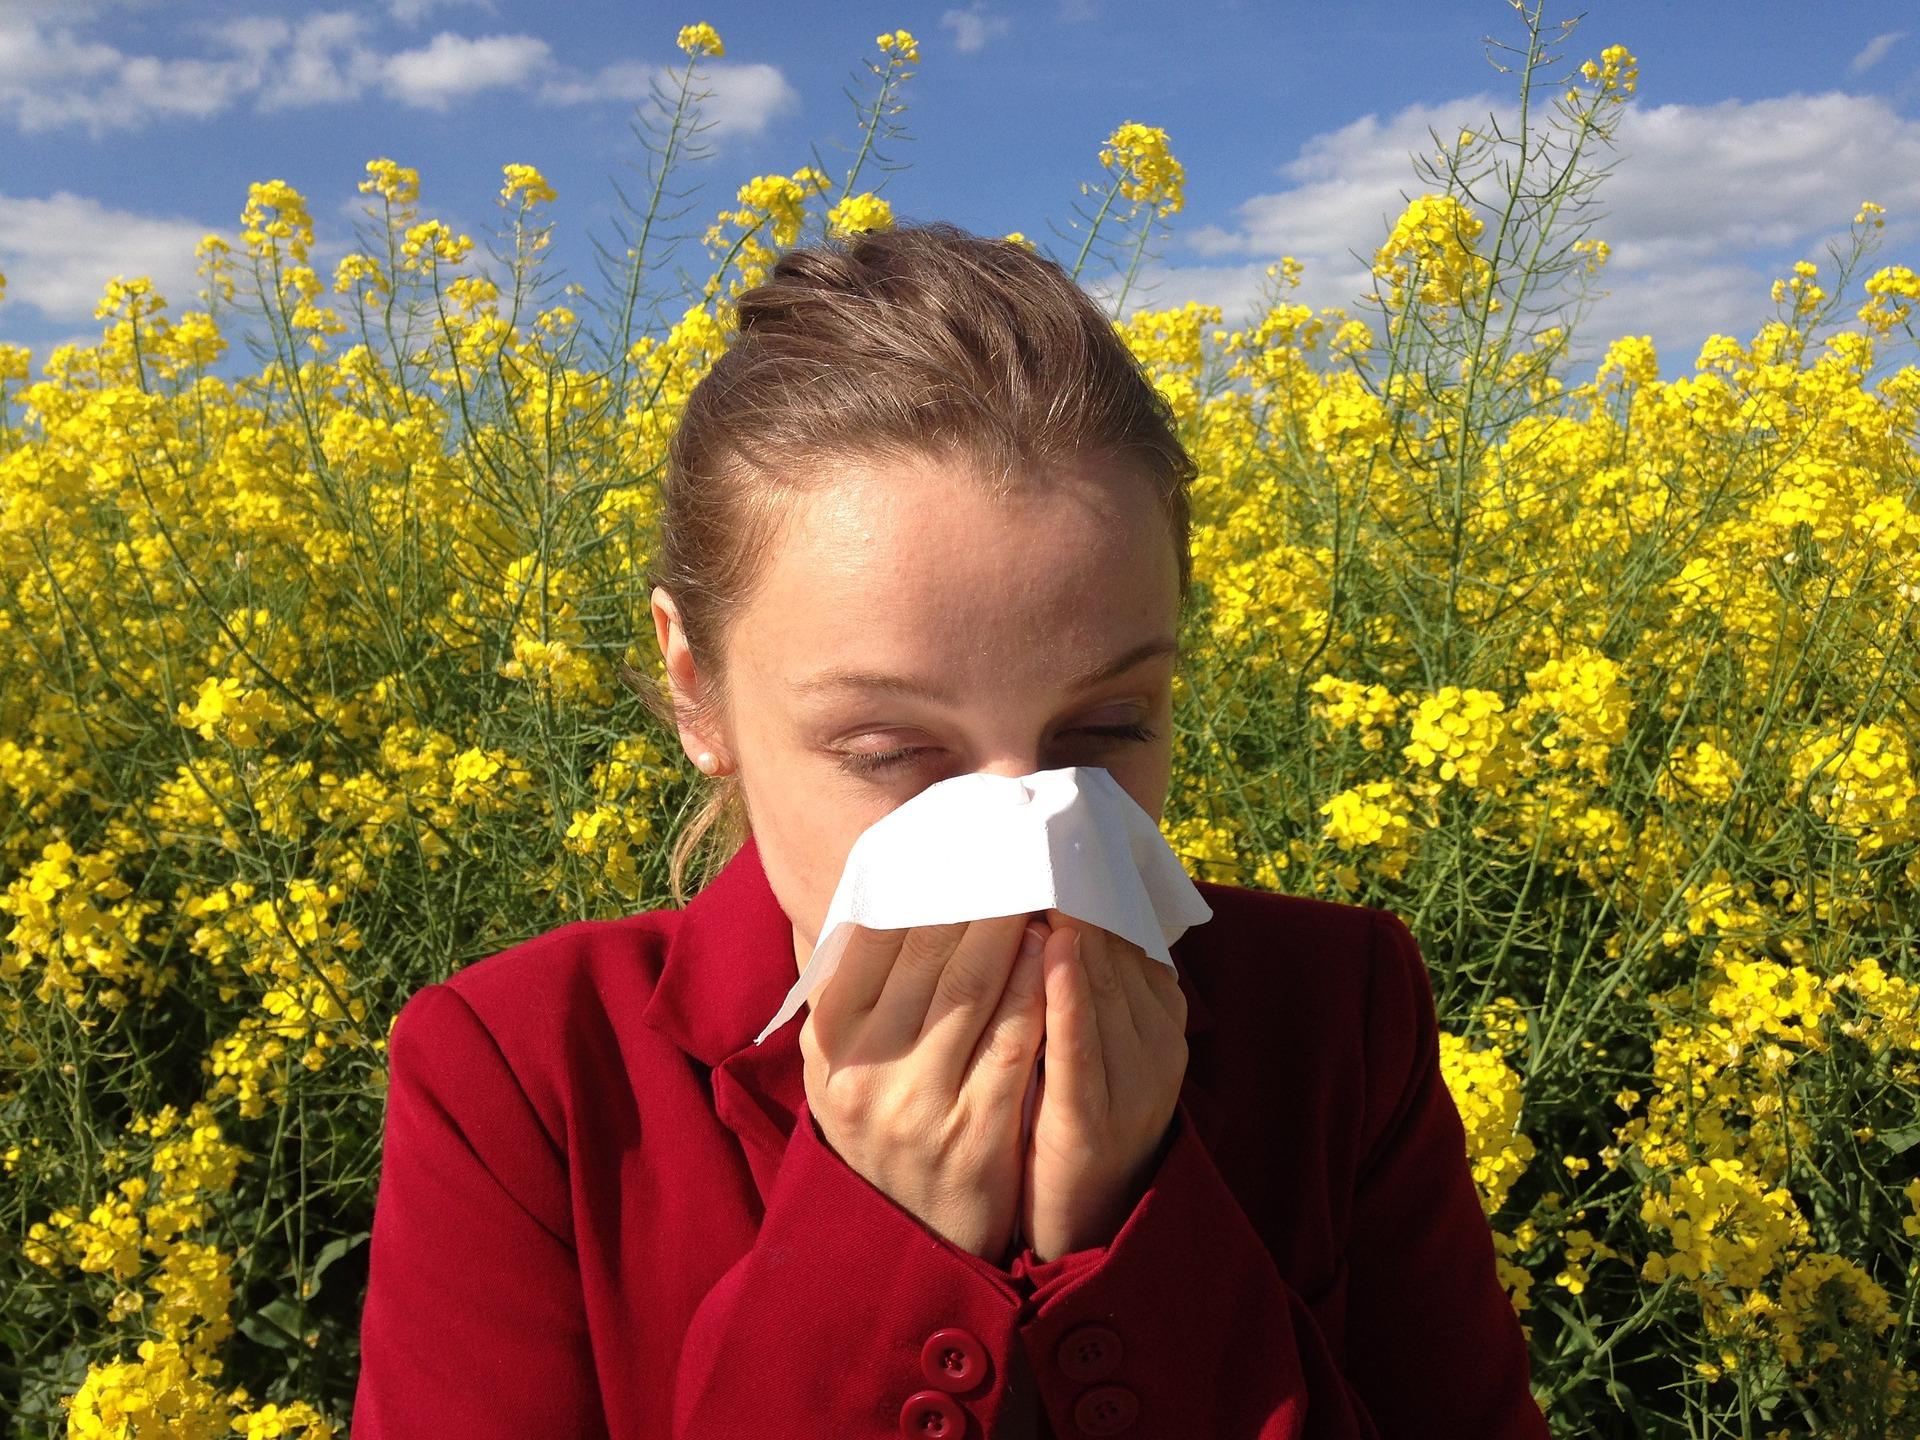 Кращий засіб від алергії: розбір 9 популярних препаратів